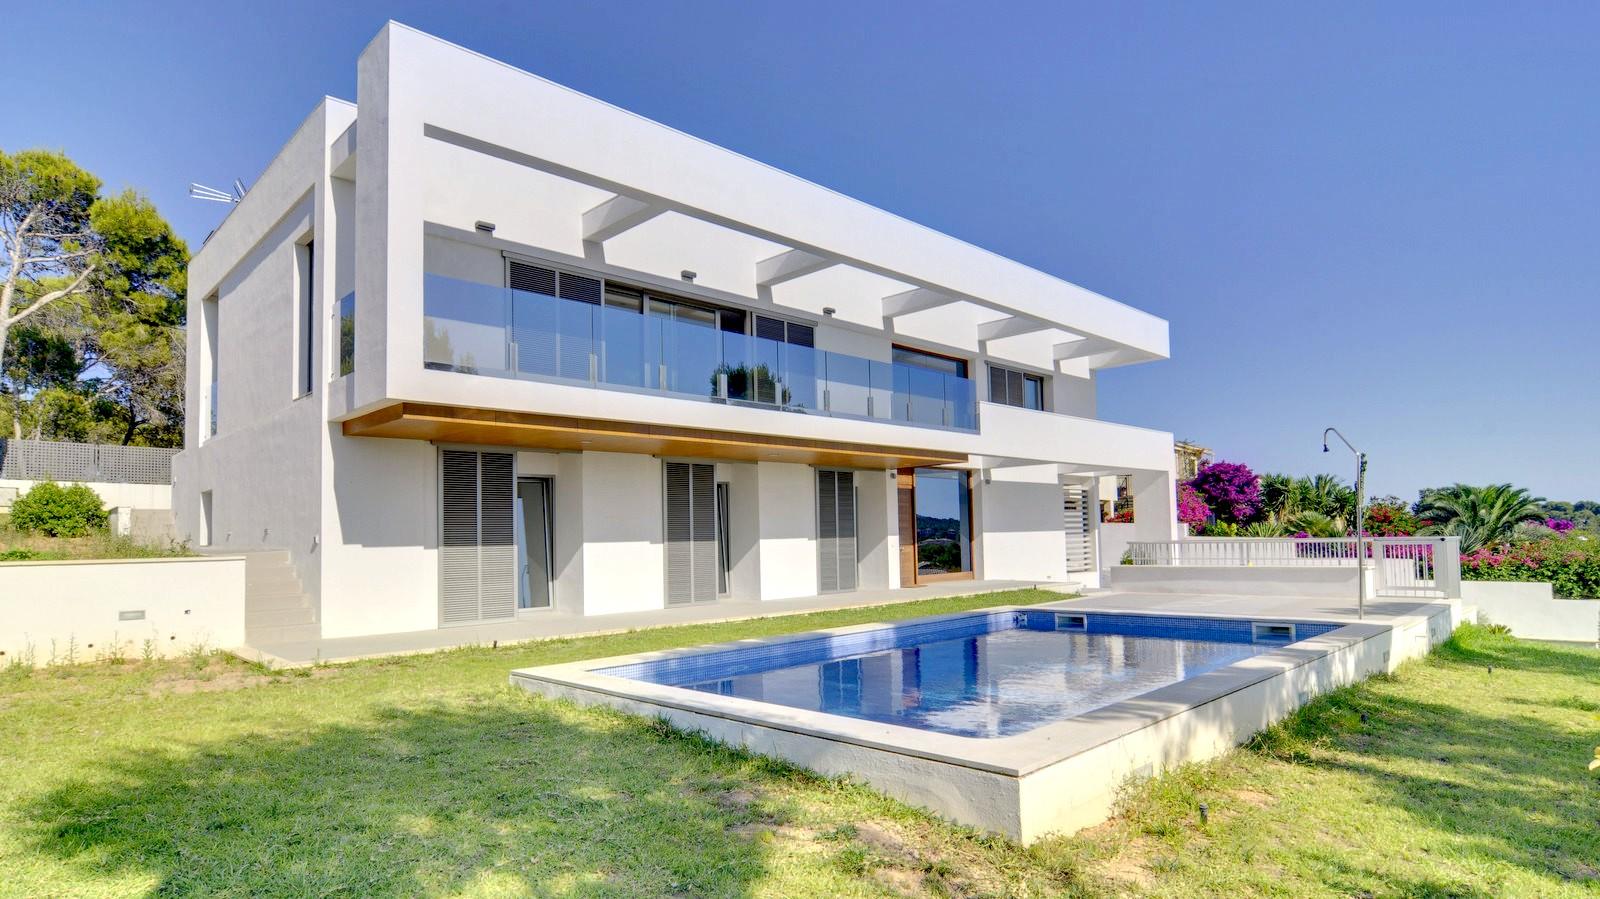 detached villa zu verkaufen im cala vinyes calvi v vinyas 100. Black Bedroom Furniture Sets. Home Design Ideas